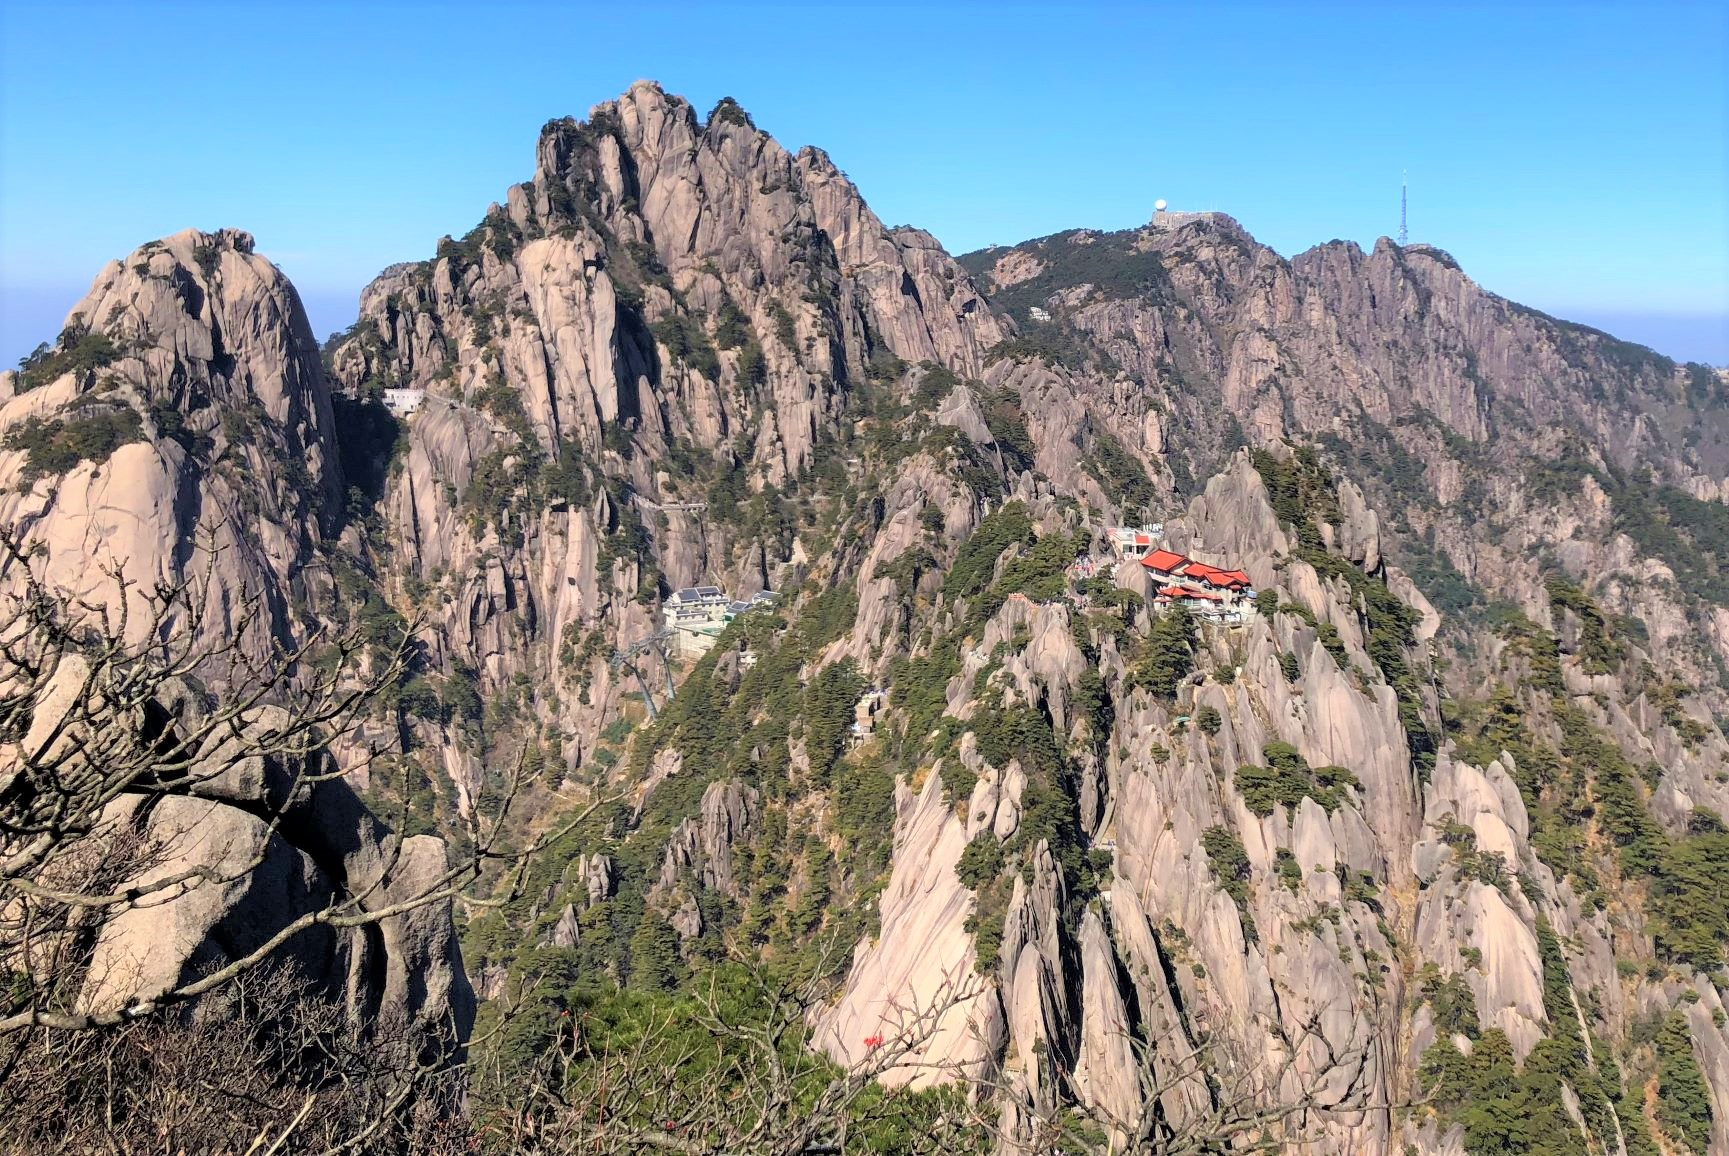 最高峰・蓮花峰(1,864m)と玉塀楼